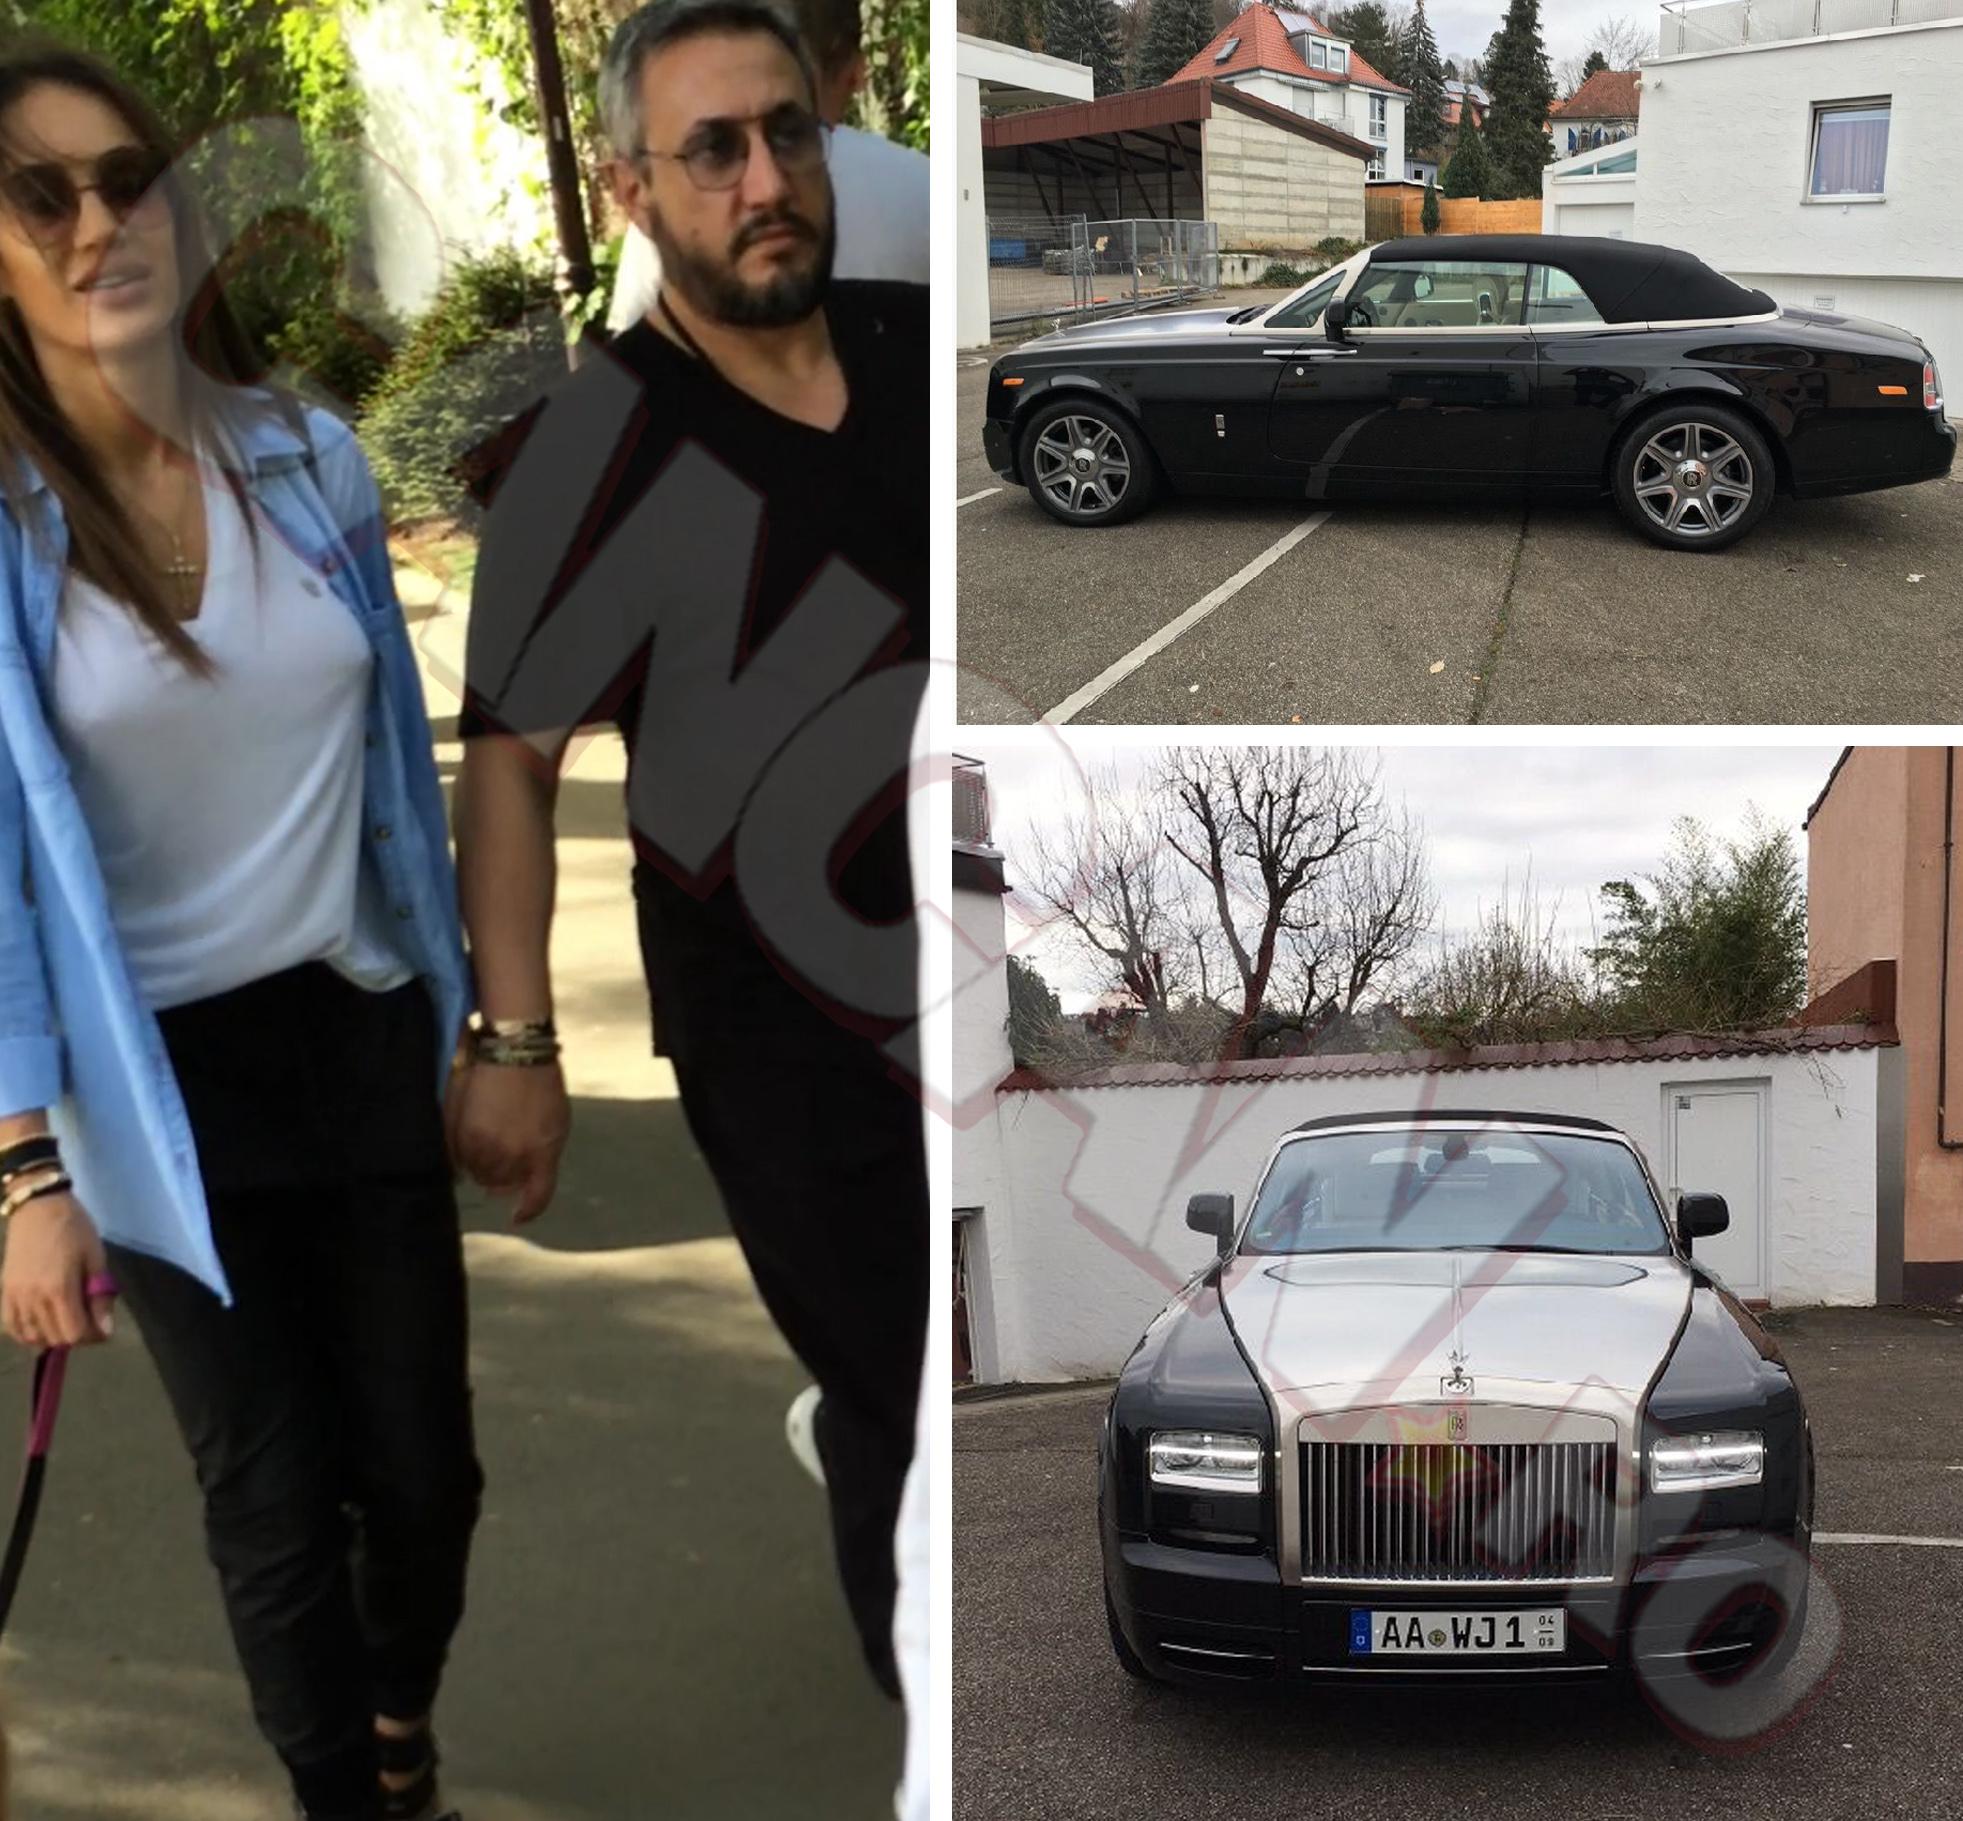 Joshua şi iubita au fost fotografiaţi weekendul trecut în Herăstrău. Aşa arată Rollsul de un sfert de milion de euro al Bossului.